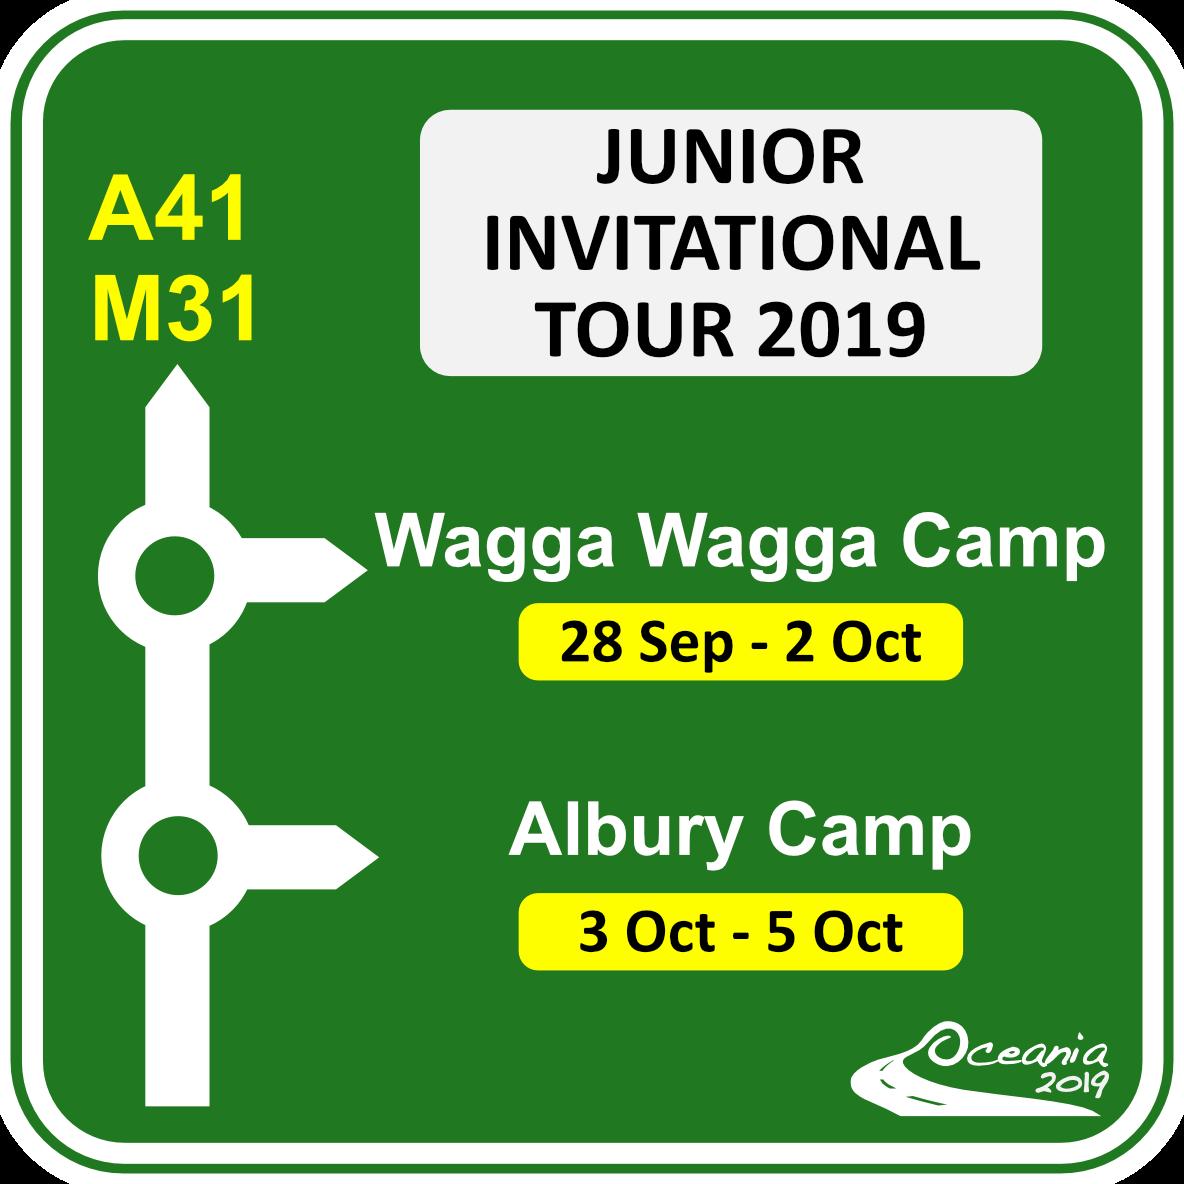 Junior Invitational Tour announced